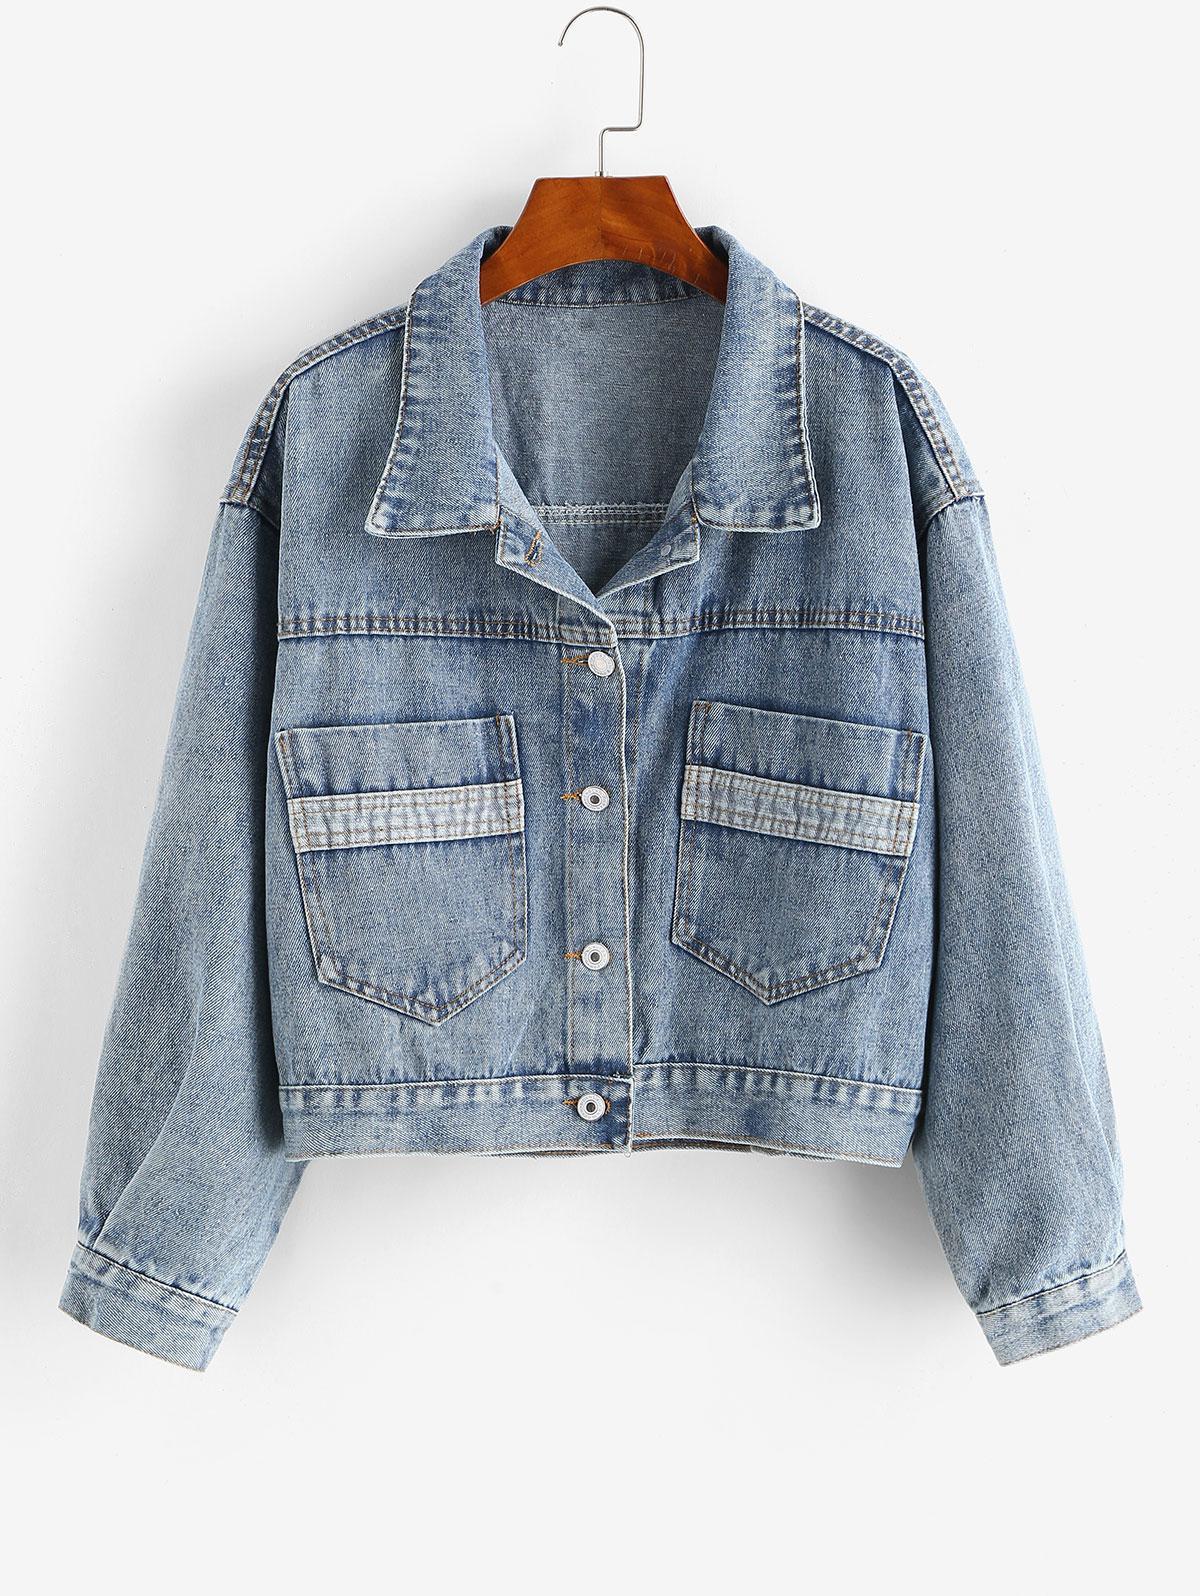 Drop Shoulder Pocket Single Breasted Denim Jacket